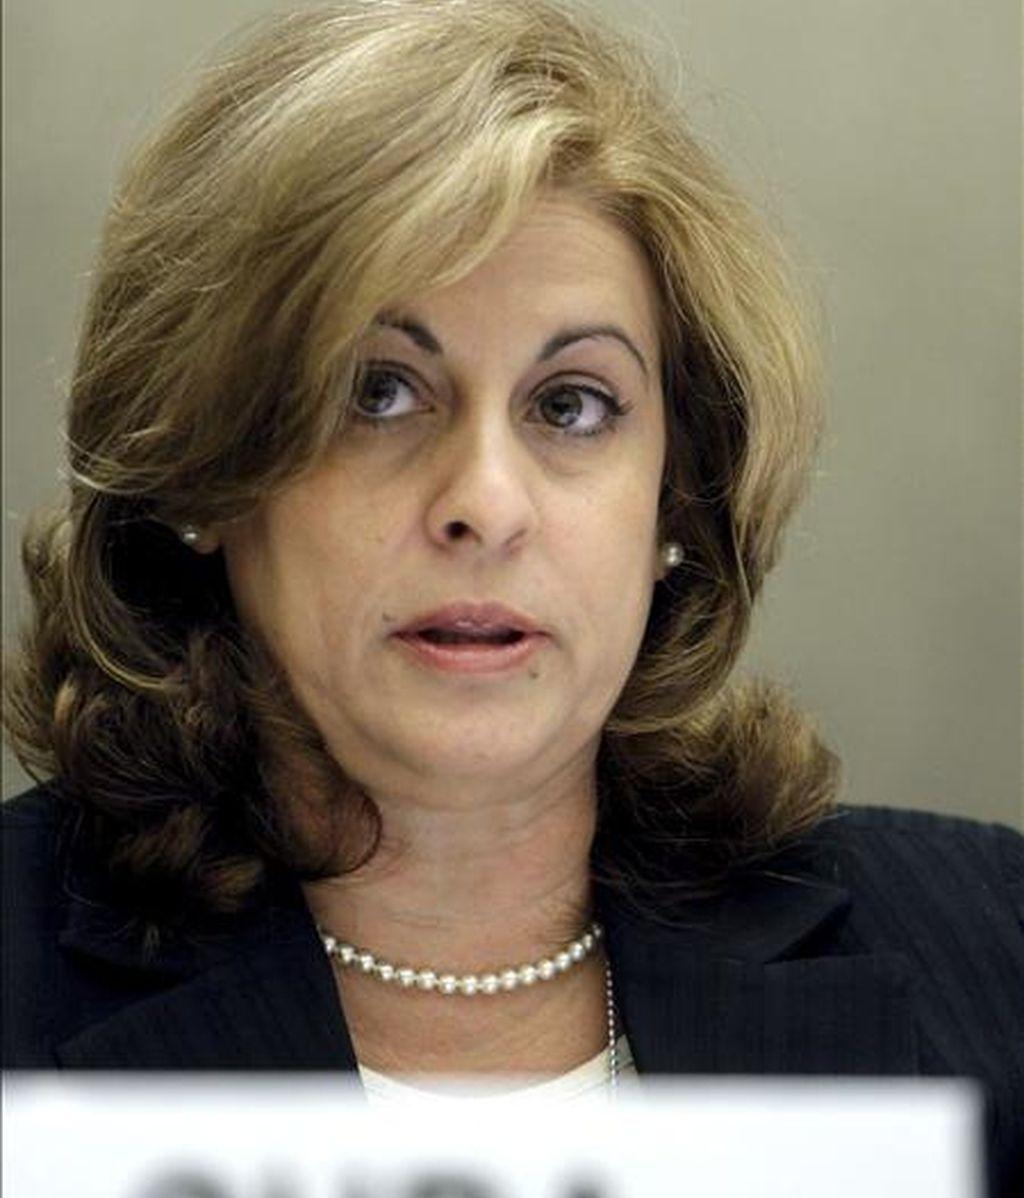 La ministra cubana de Justicia, María Esther Reus, el pasado jueves en Ginebra. EFE